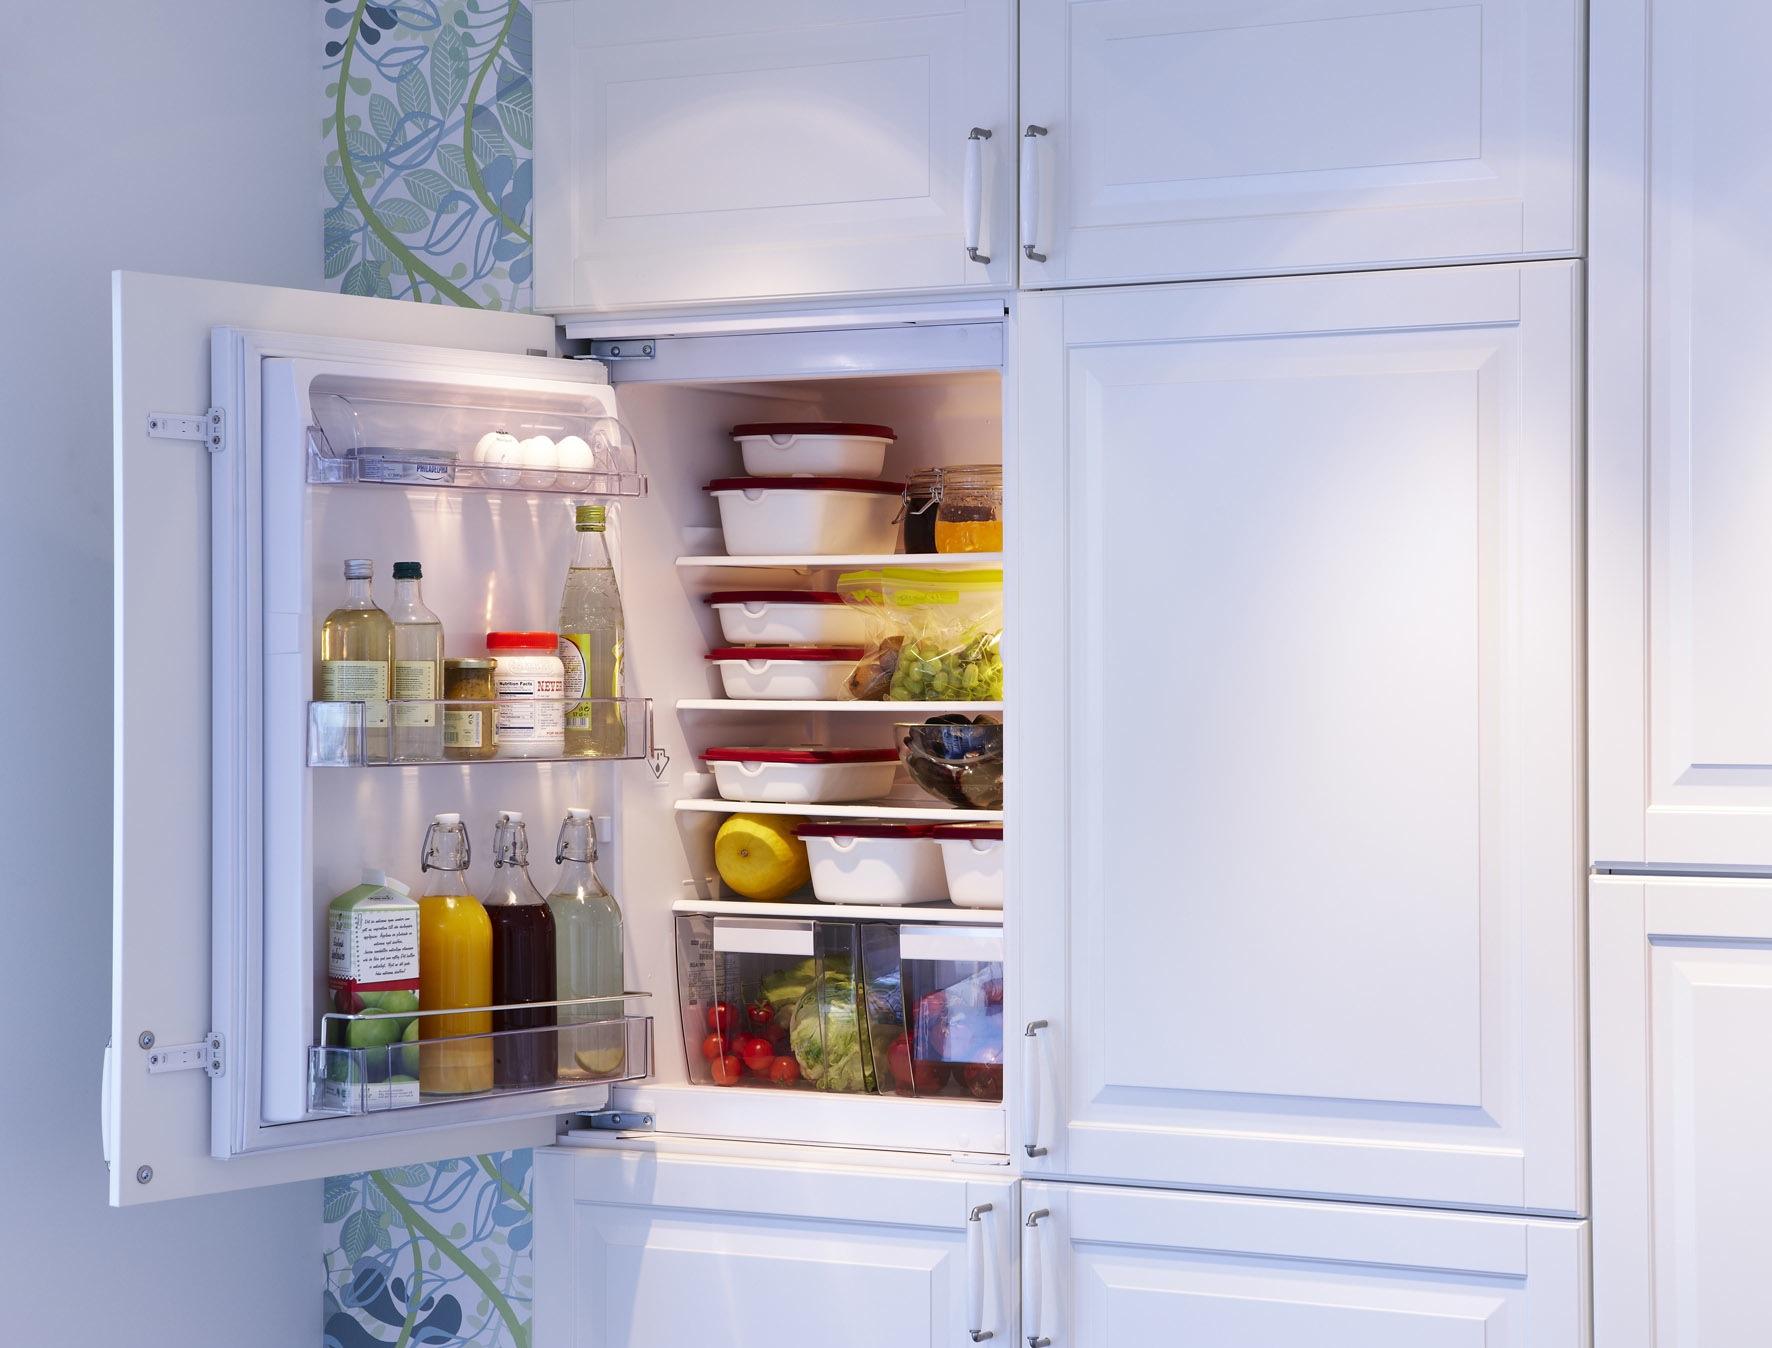 Ikea koelkast valt in de prijzen bij de consumentenbond nieuws